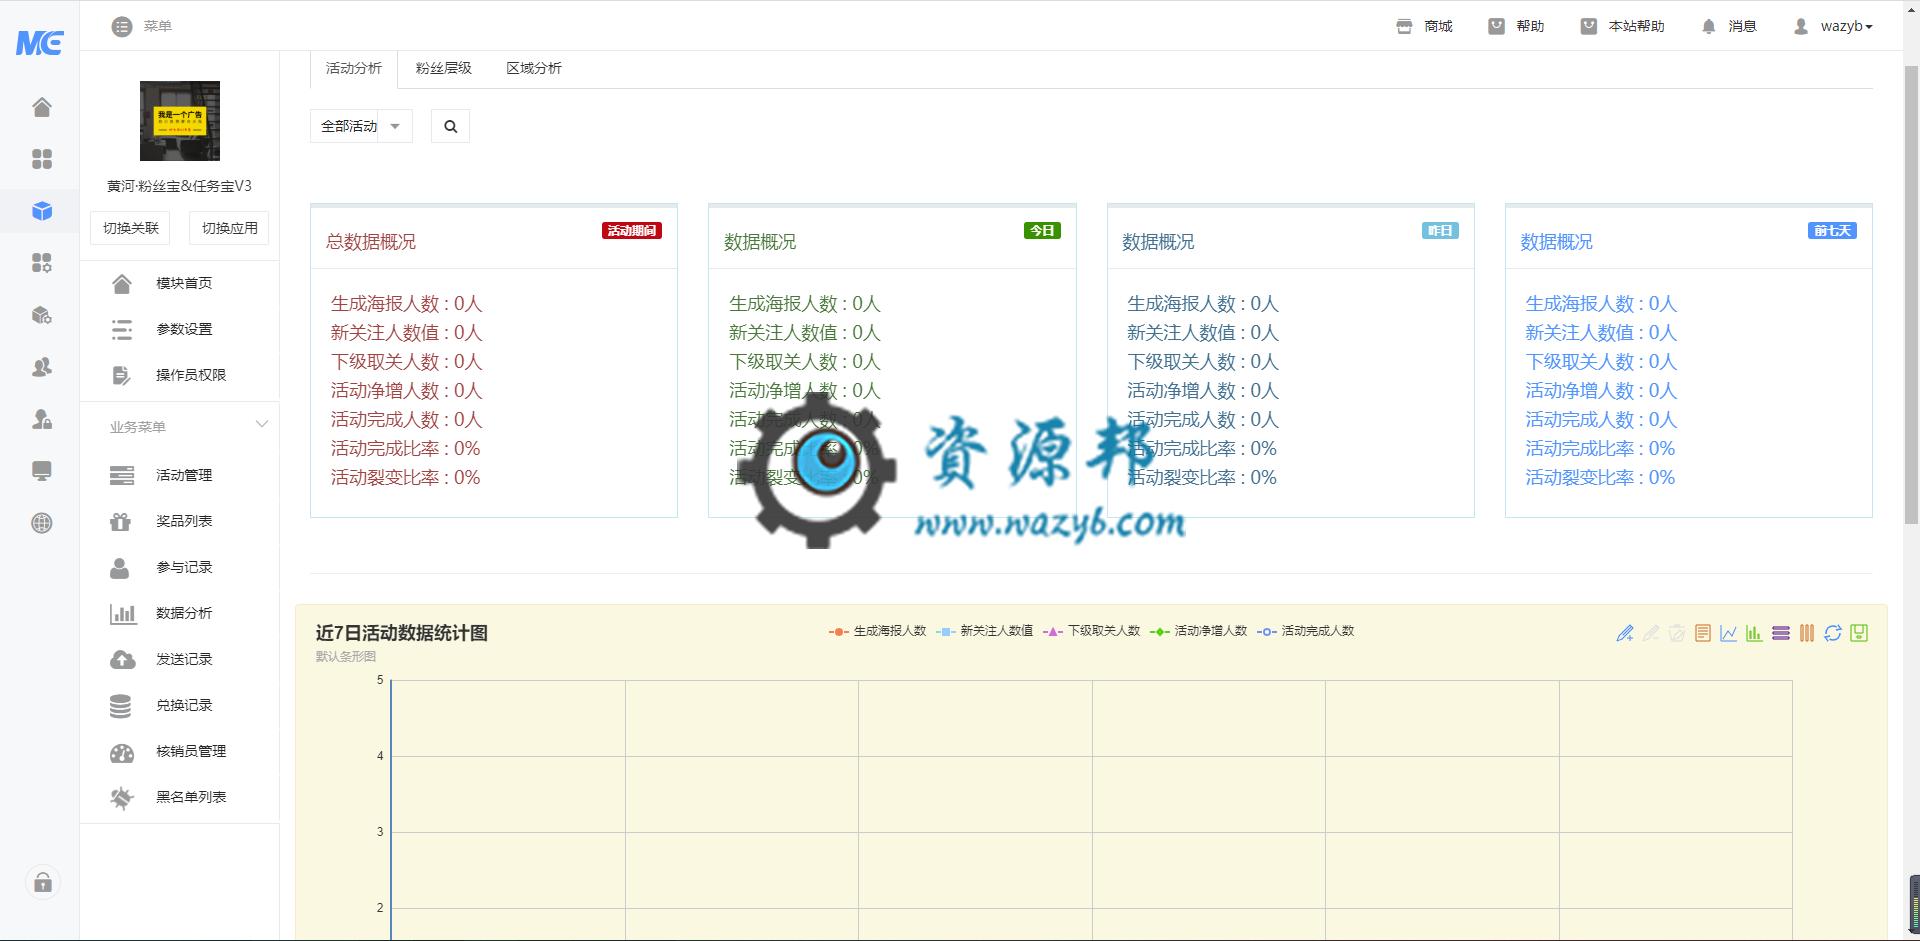 【公众号应用】黄河粉丝宝任务宝V3_1.4.0完整最终安装包 公众号应用 第4张